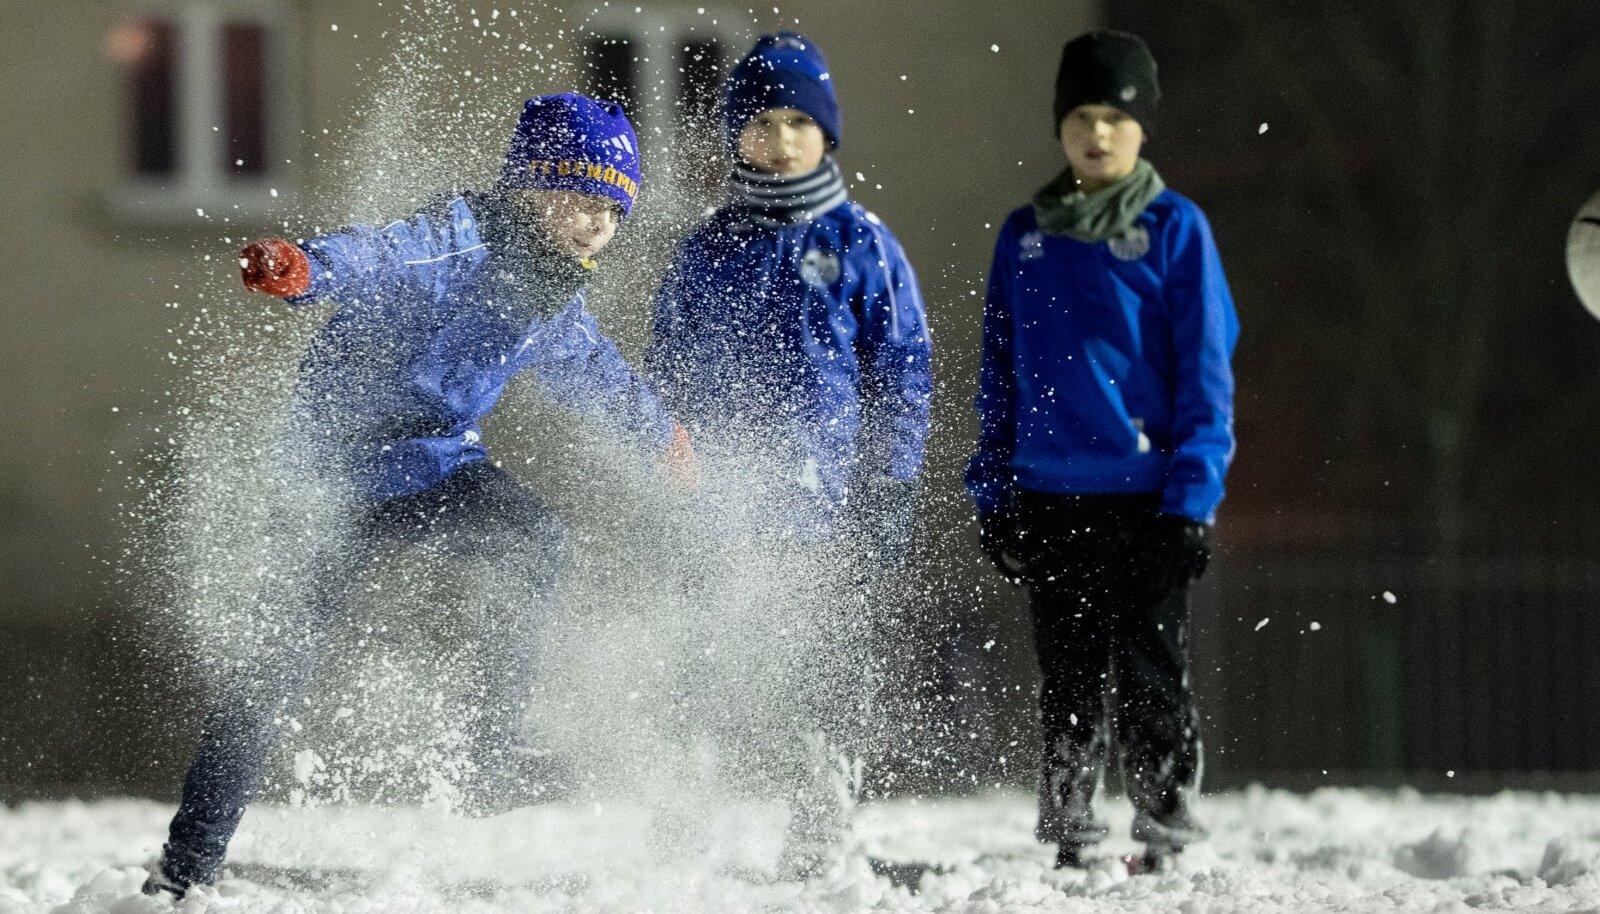 Põhja-Tallinna JK Volta tublimad vutipoisid on kogu külma aja kenasti trennis edasi käinud.